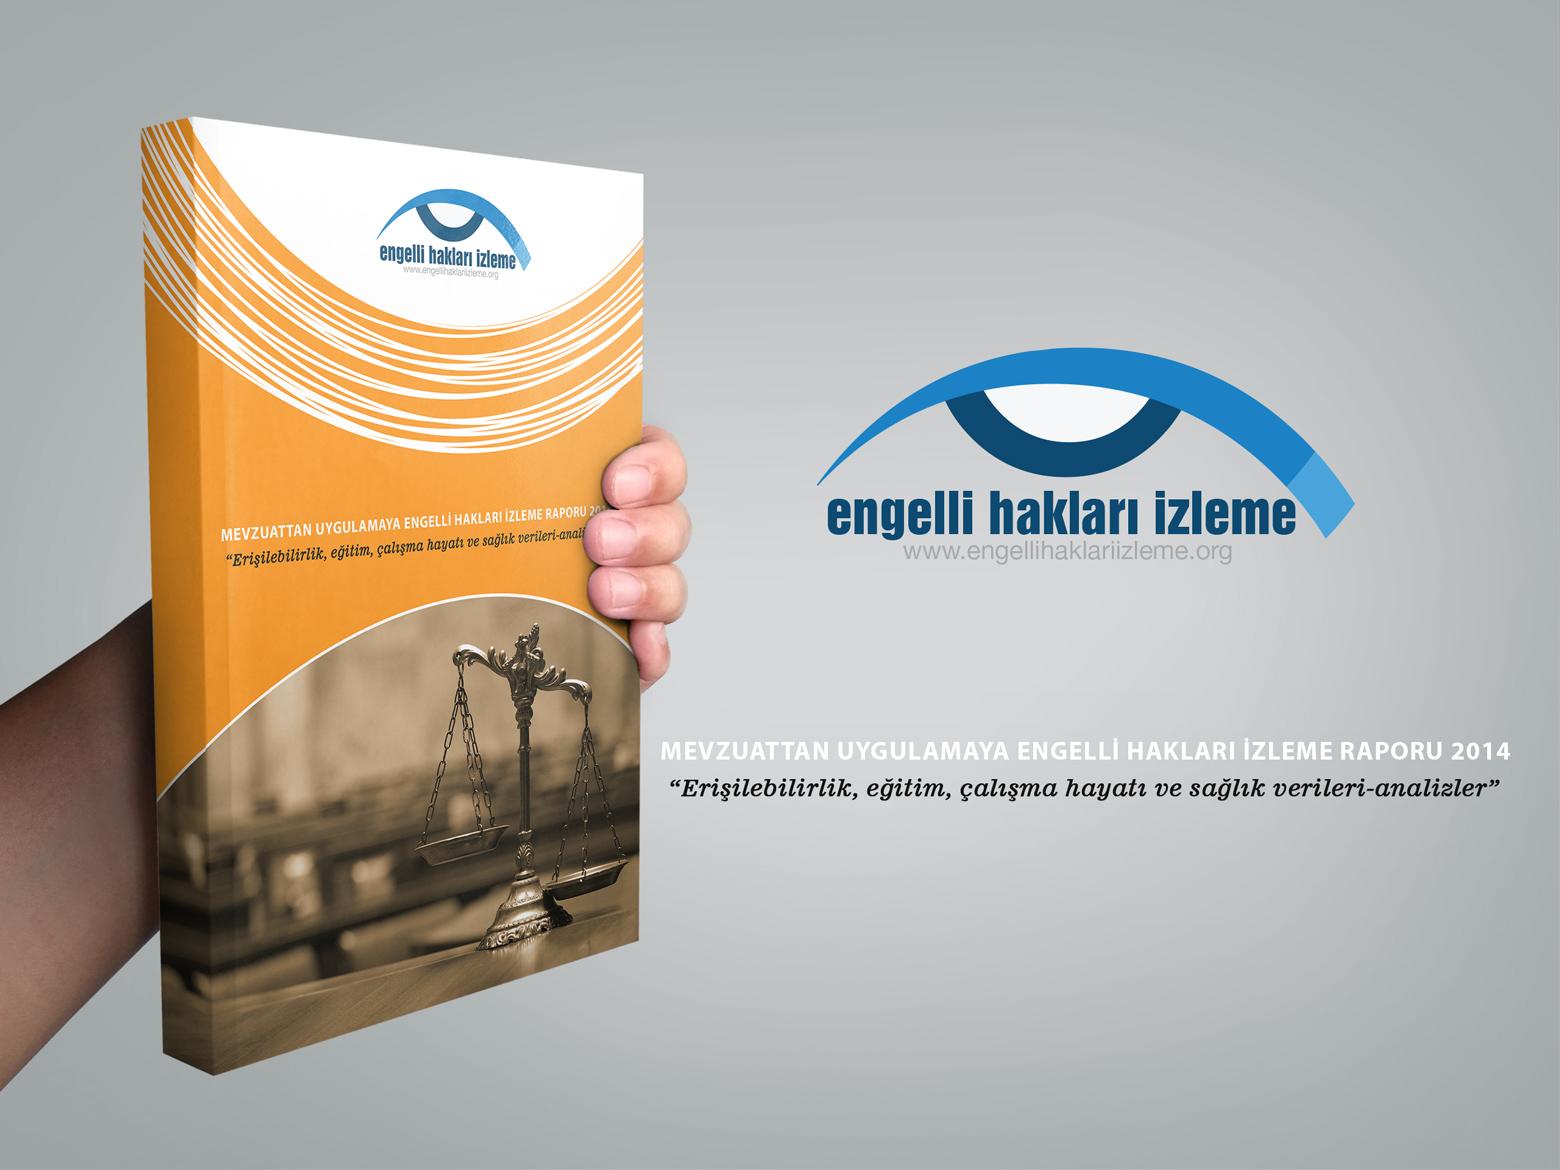 2015 Yılı Engelli Hakları İzleme Çalışmaları Raporumuz Yayınlandı